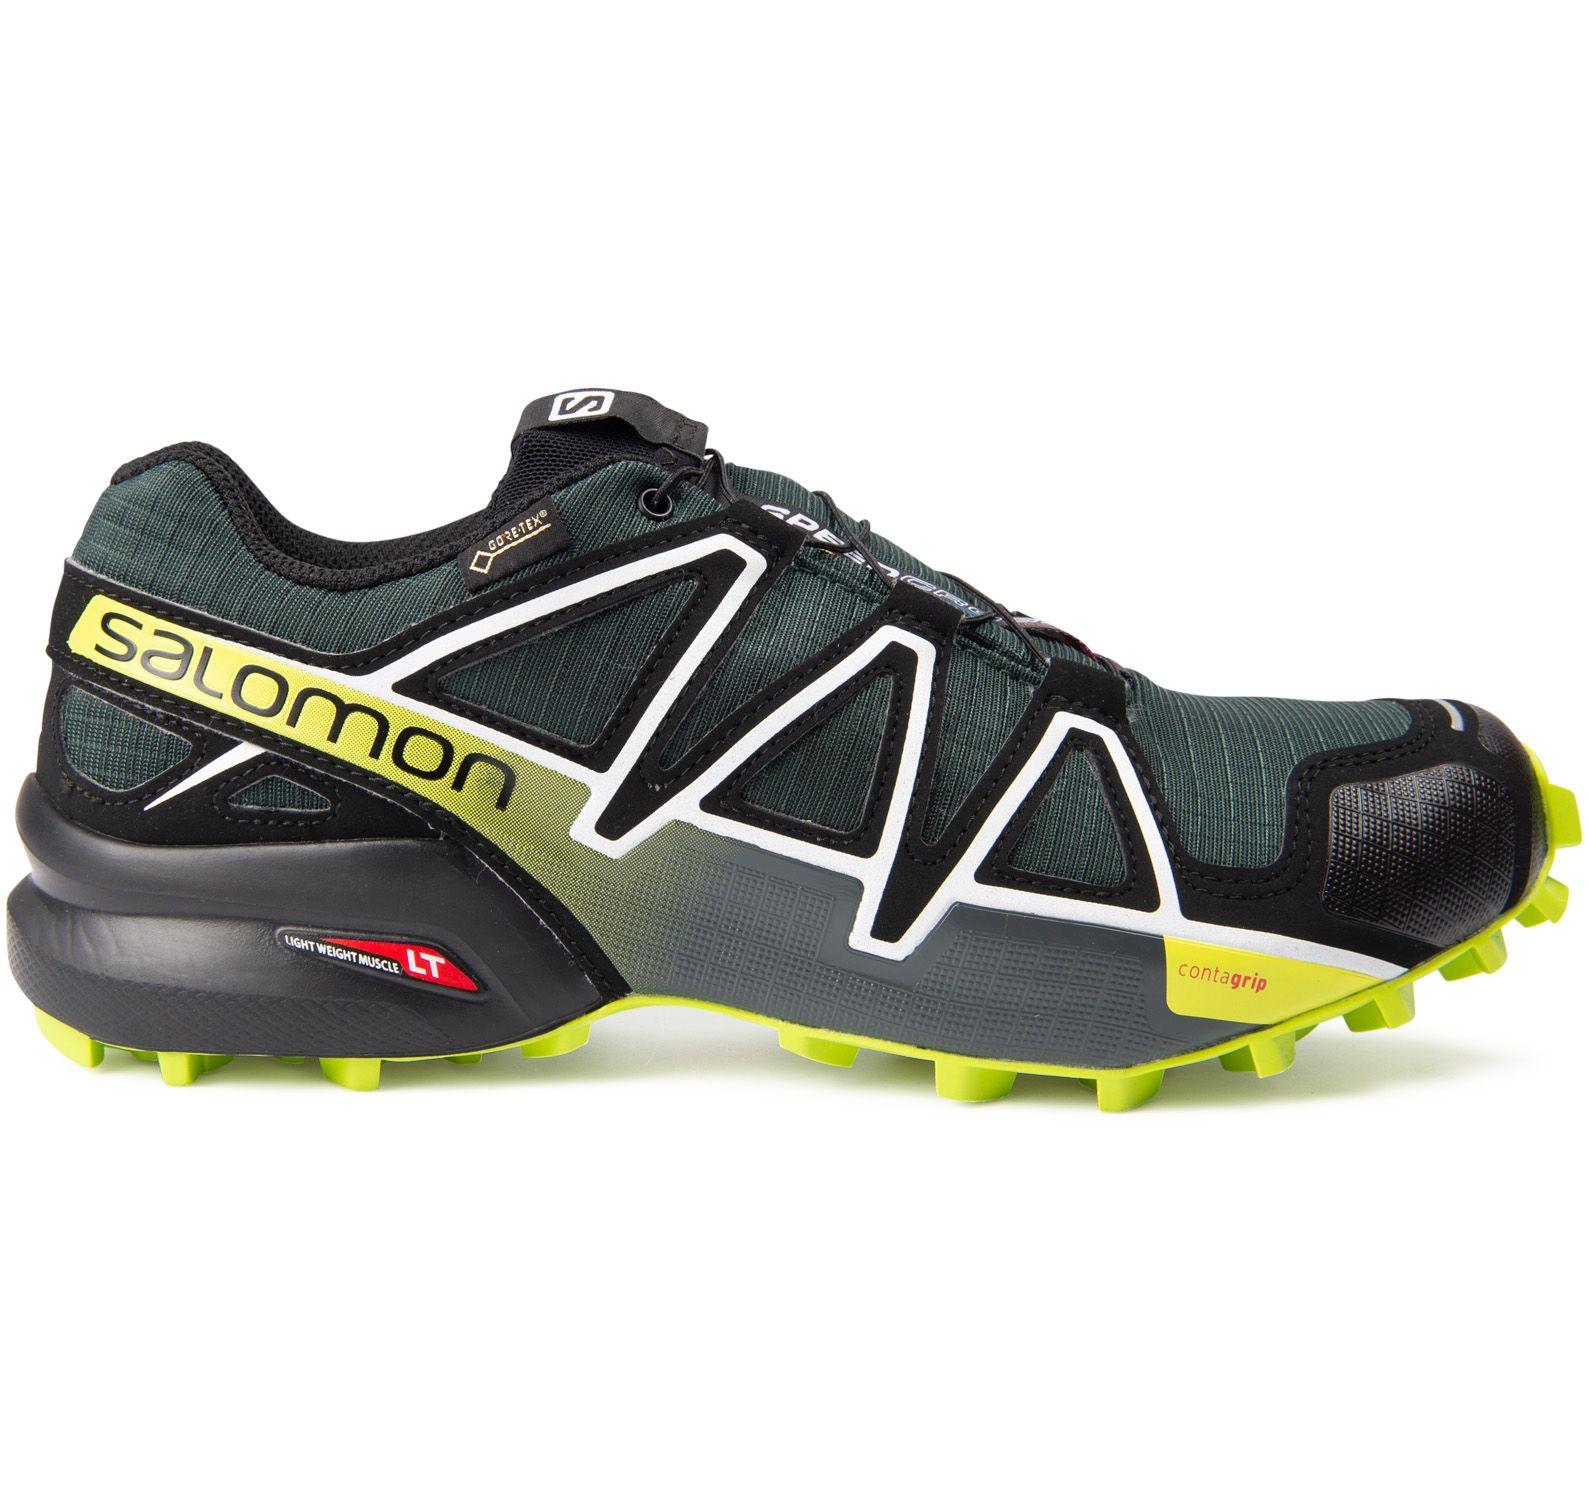 speedcross 4 gtx®, darkestspruce/black/acidlime, 42 2/3